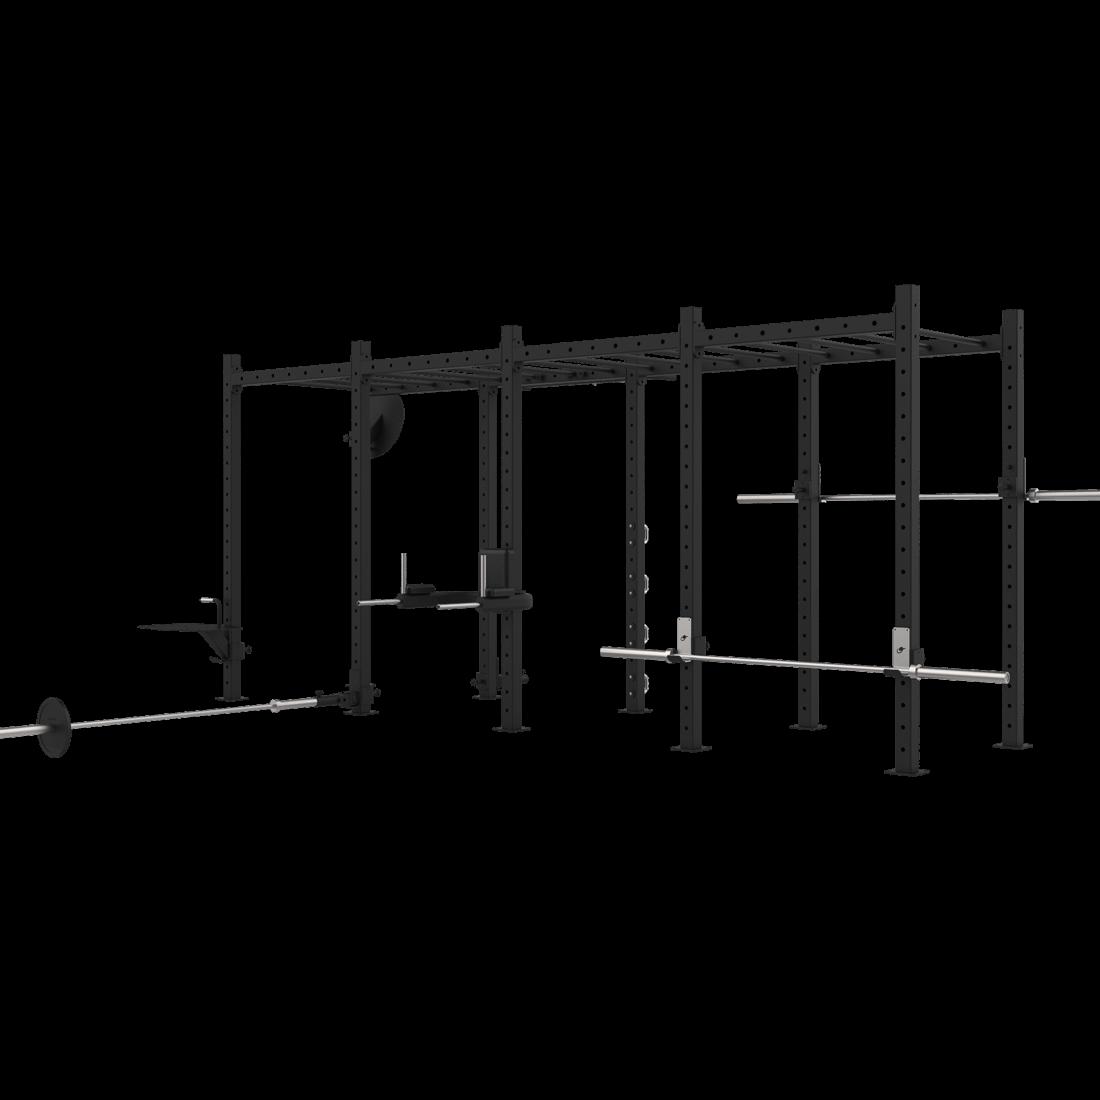 Structure Fonctionnel Entrainement Zhero